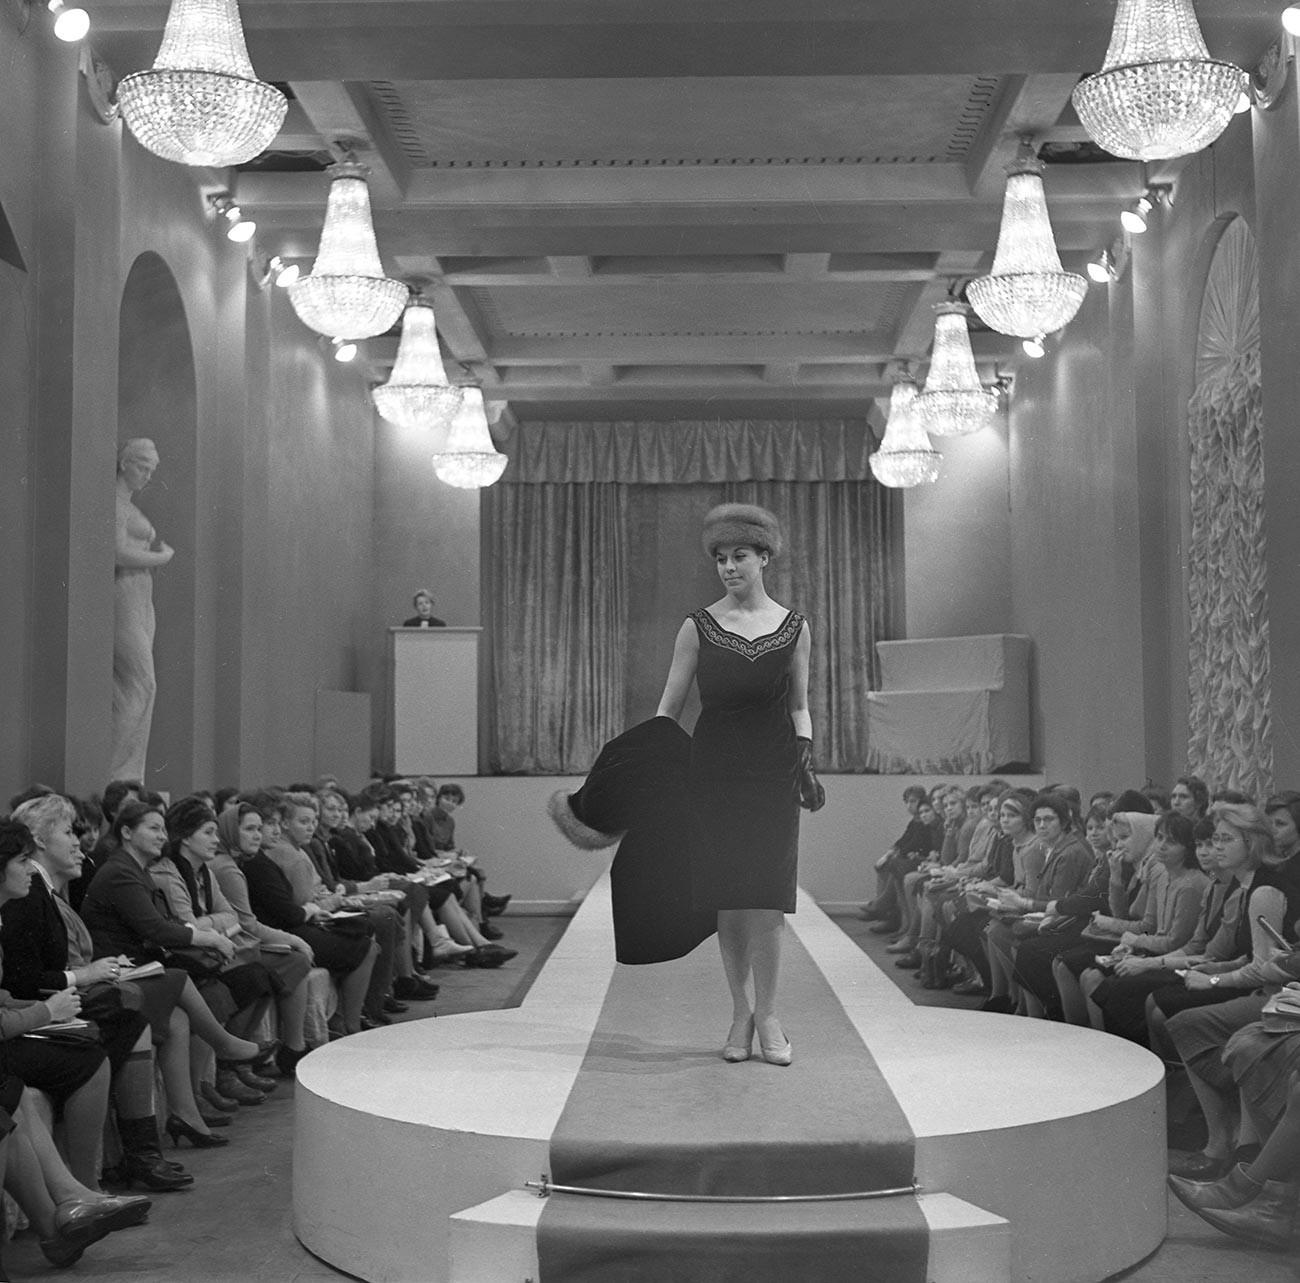 Casa de Moda de Leningrado. Apresentação da nova coleção Primavera 1965